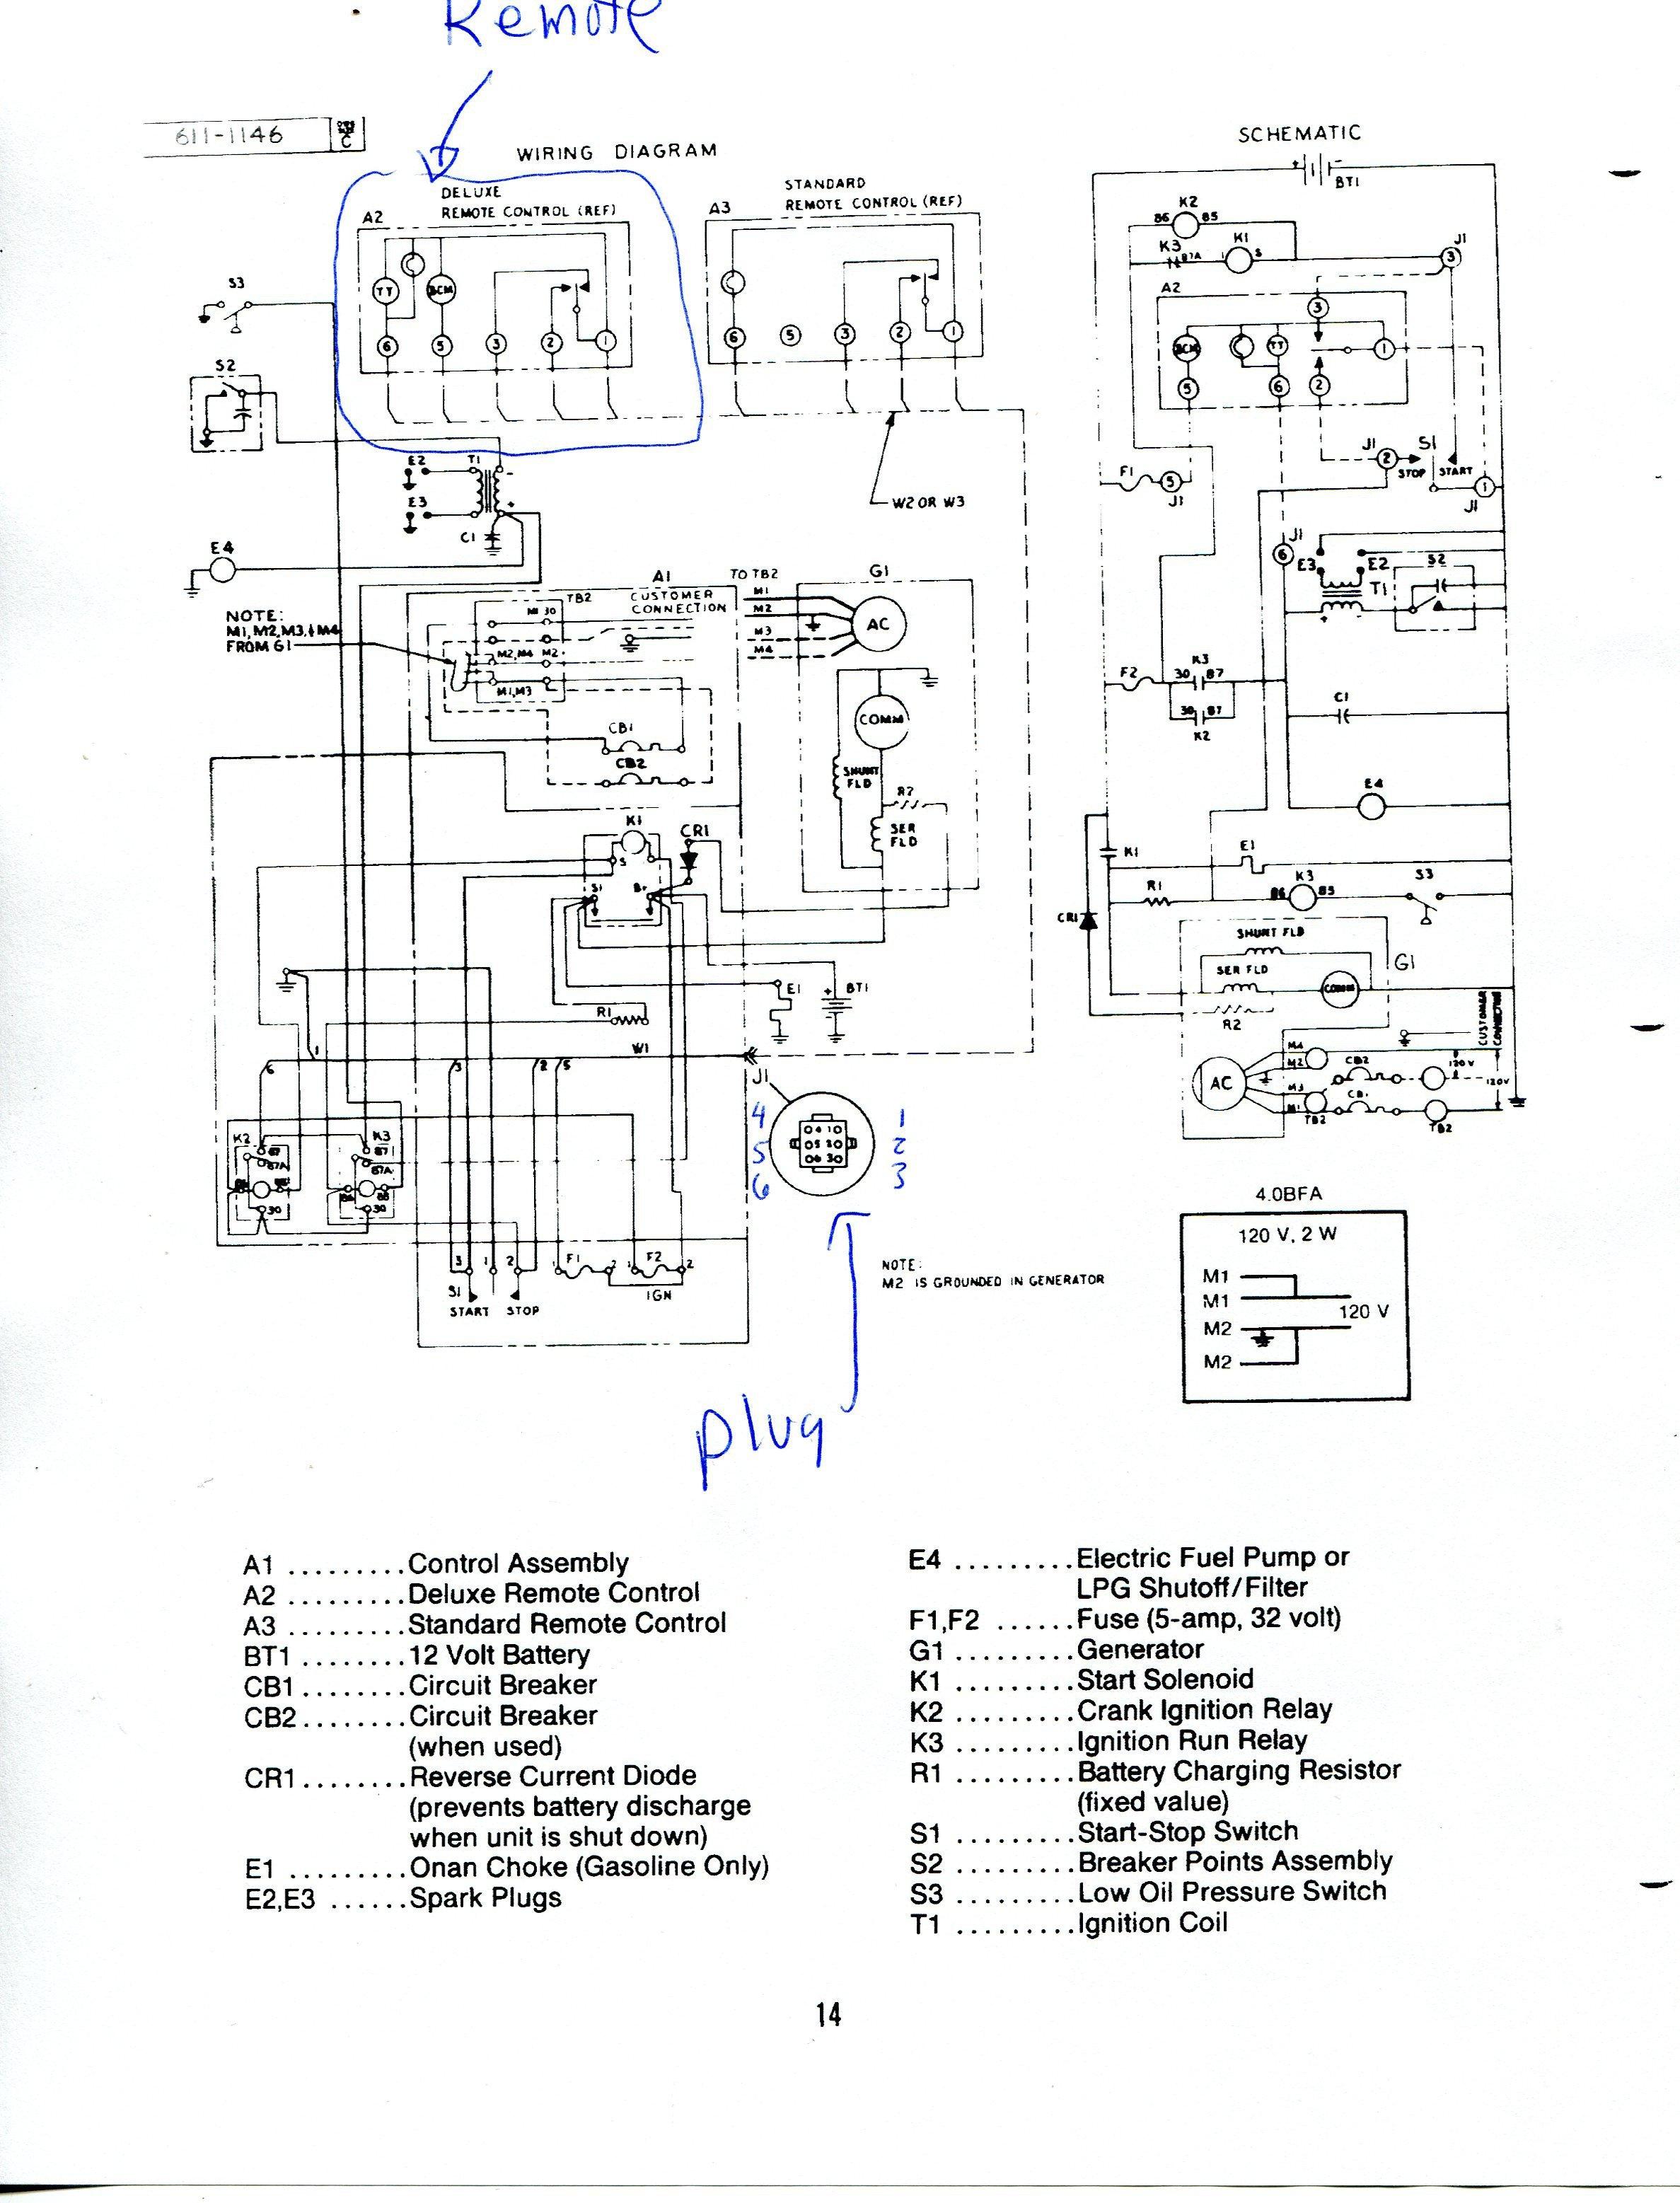 Onan 4000 Rv Generator Wiring Diagram - Wiring Diagrams Hubs - Onan 4000 Generator Wiring Diagram